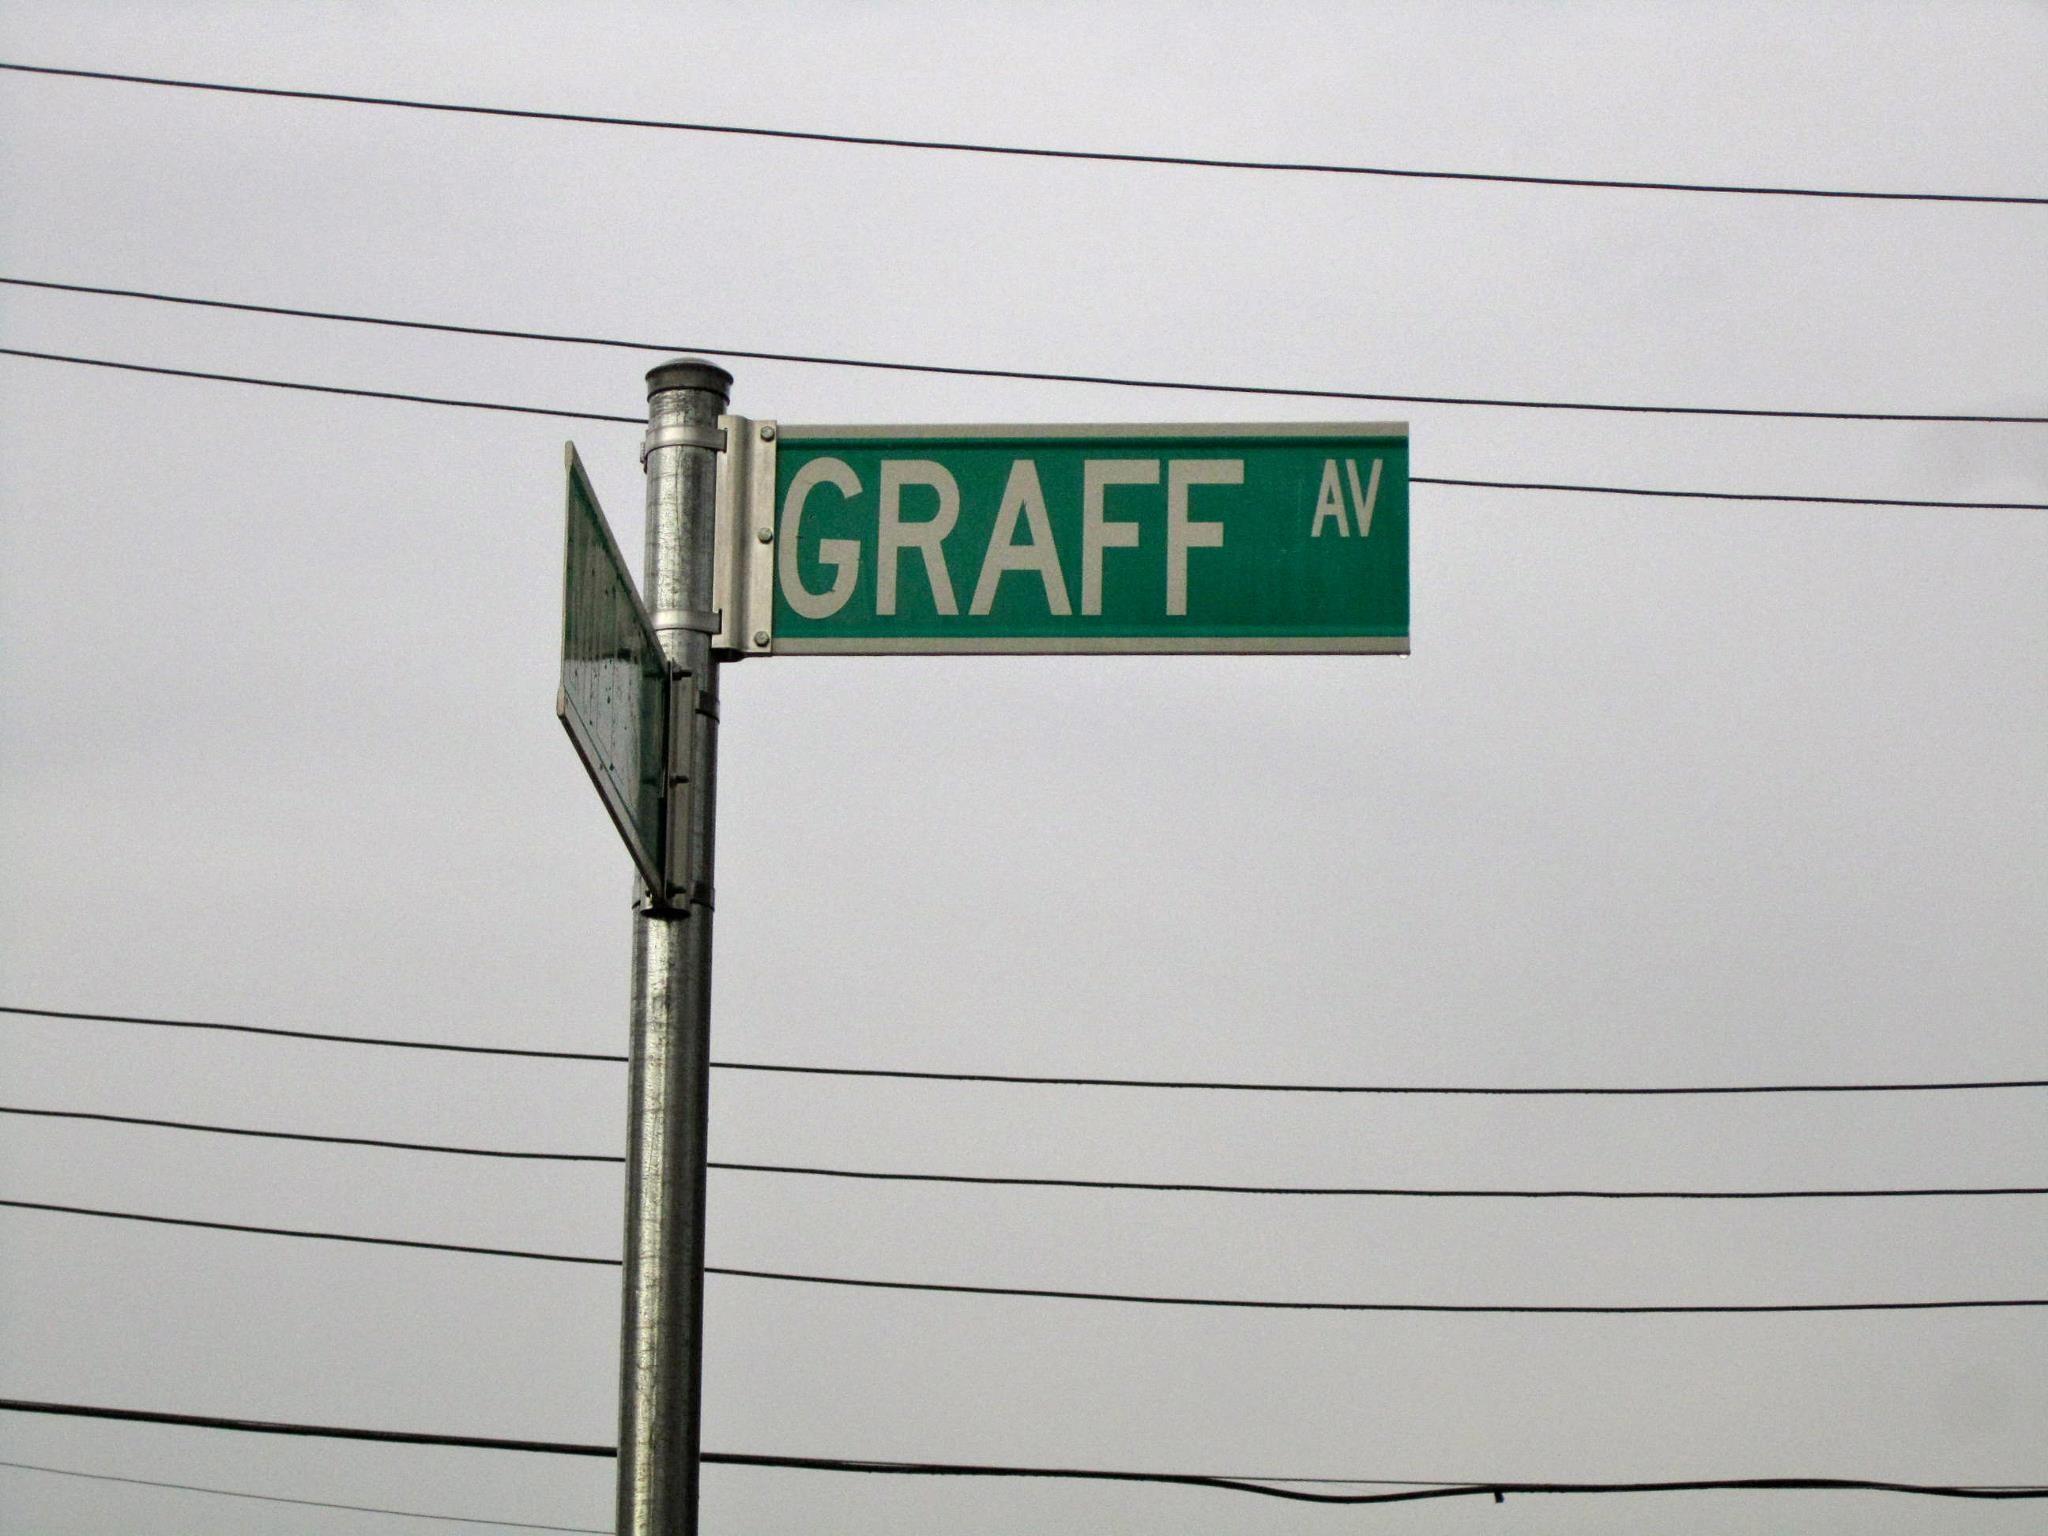 Graff avenue